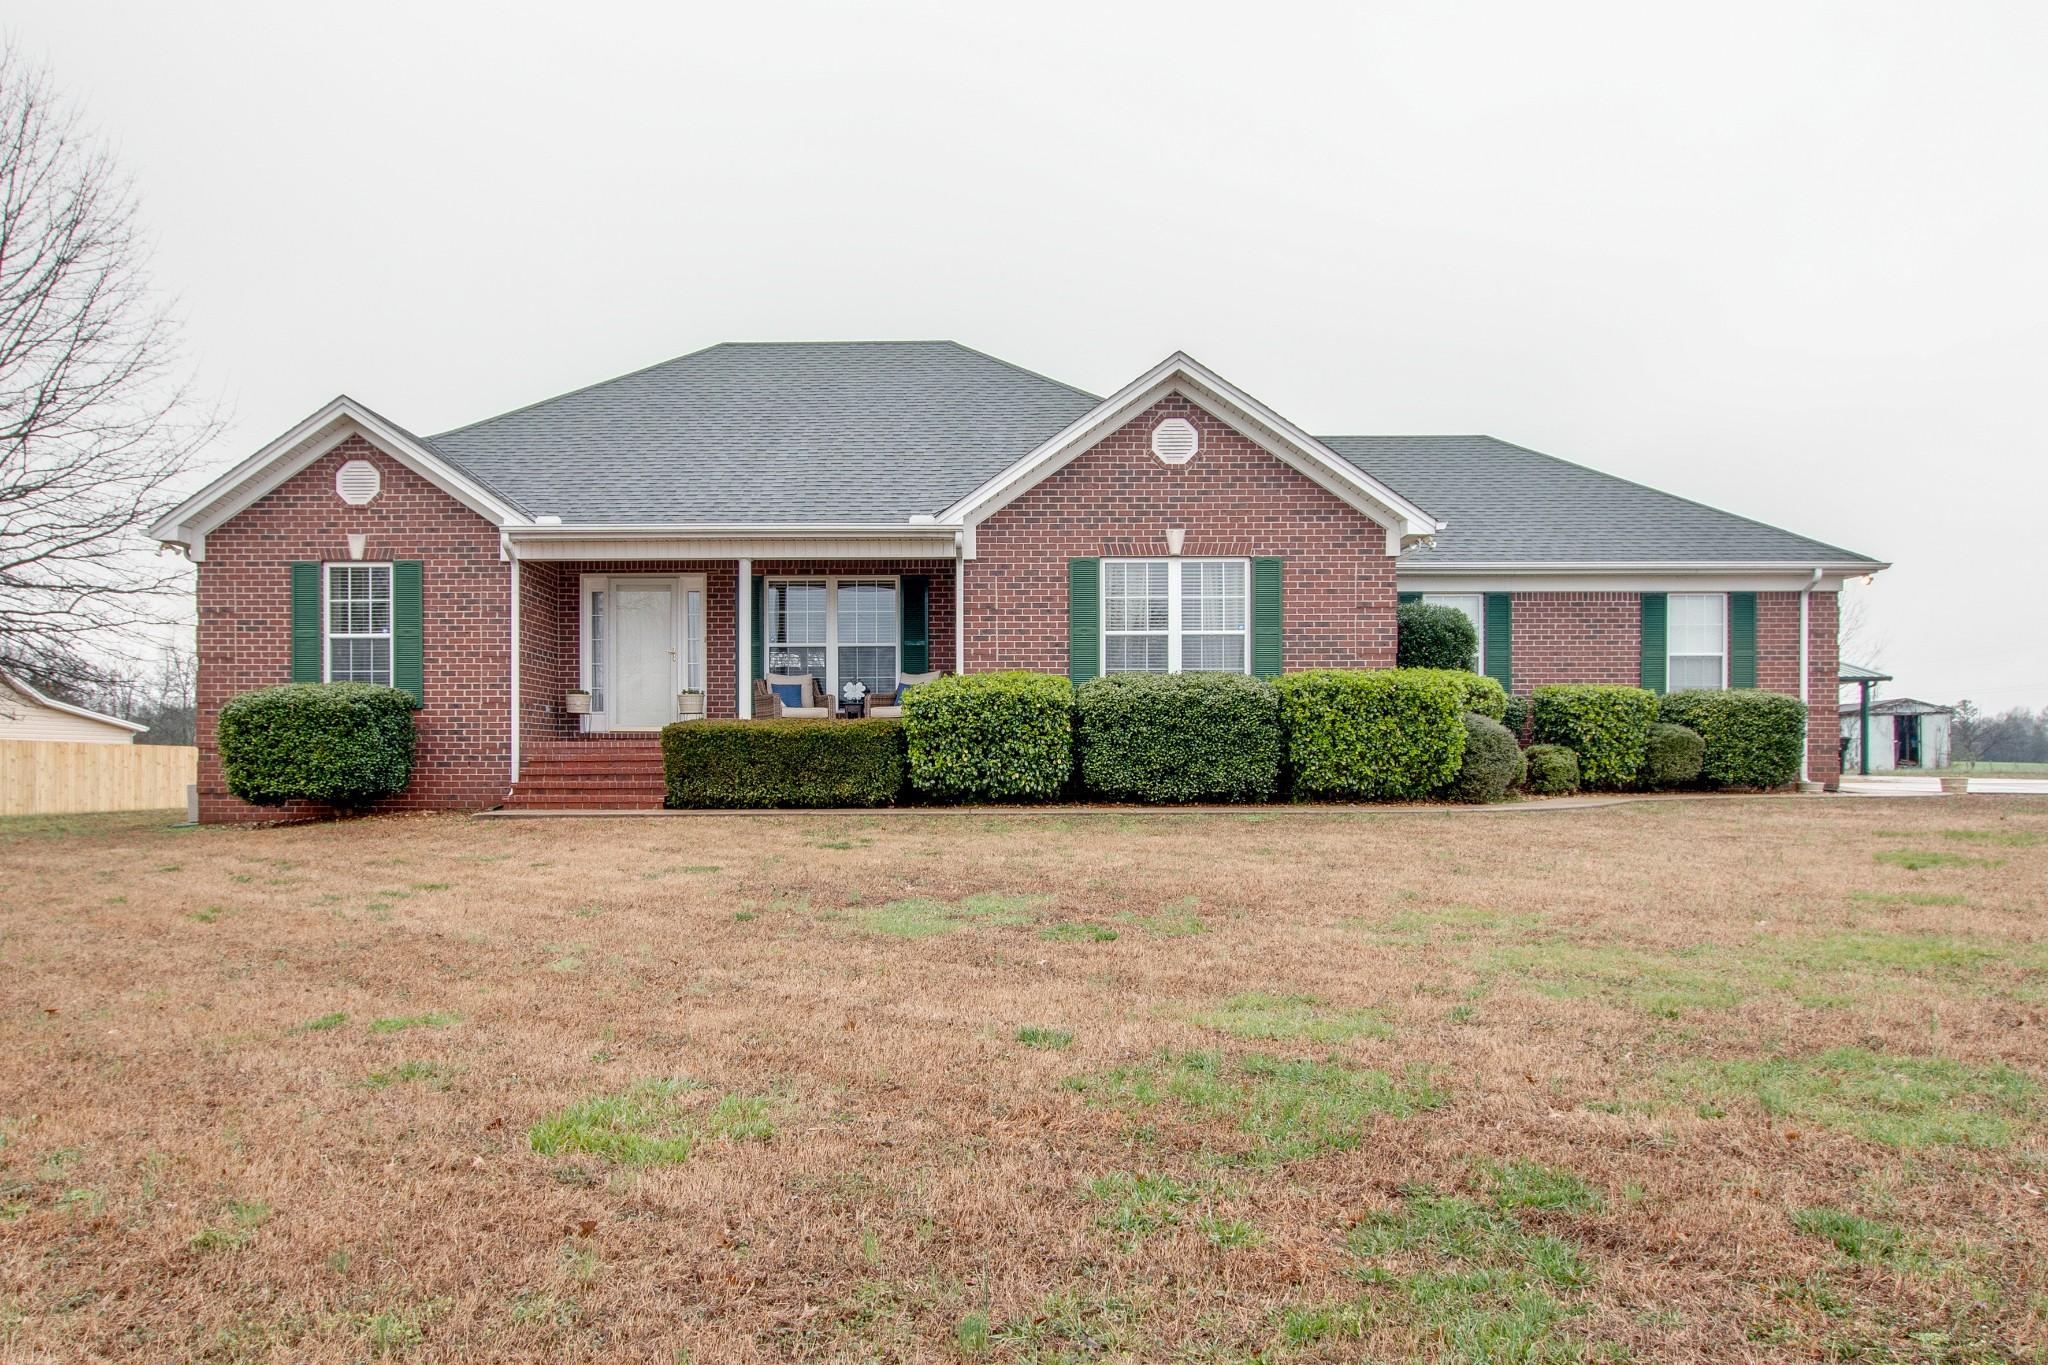 451 Baptist Church Rd, Eagleville, TN 37060 - Eagleville, TN real estate listing